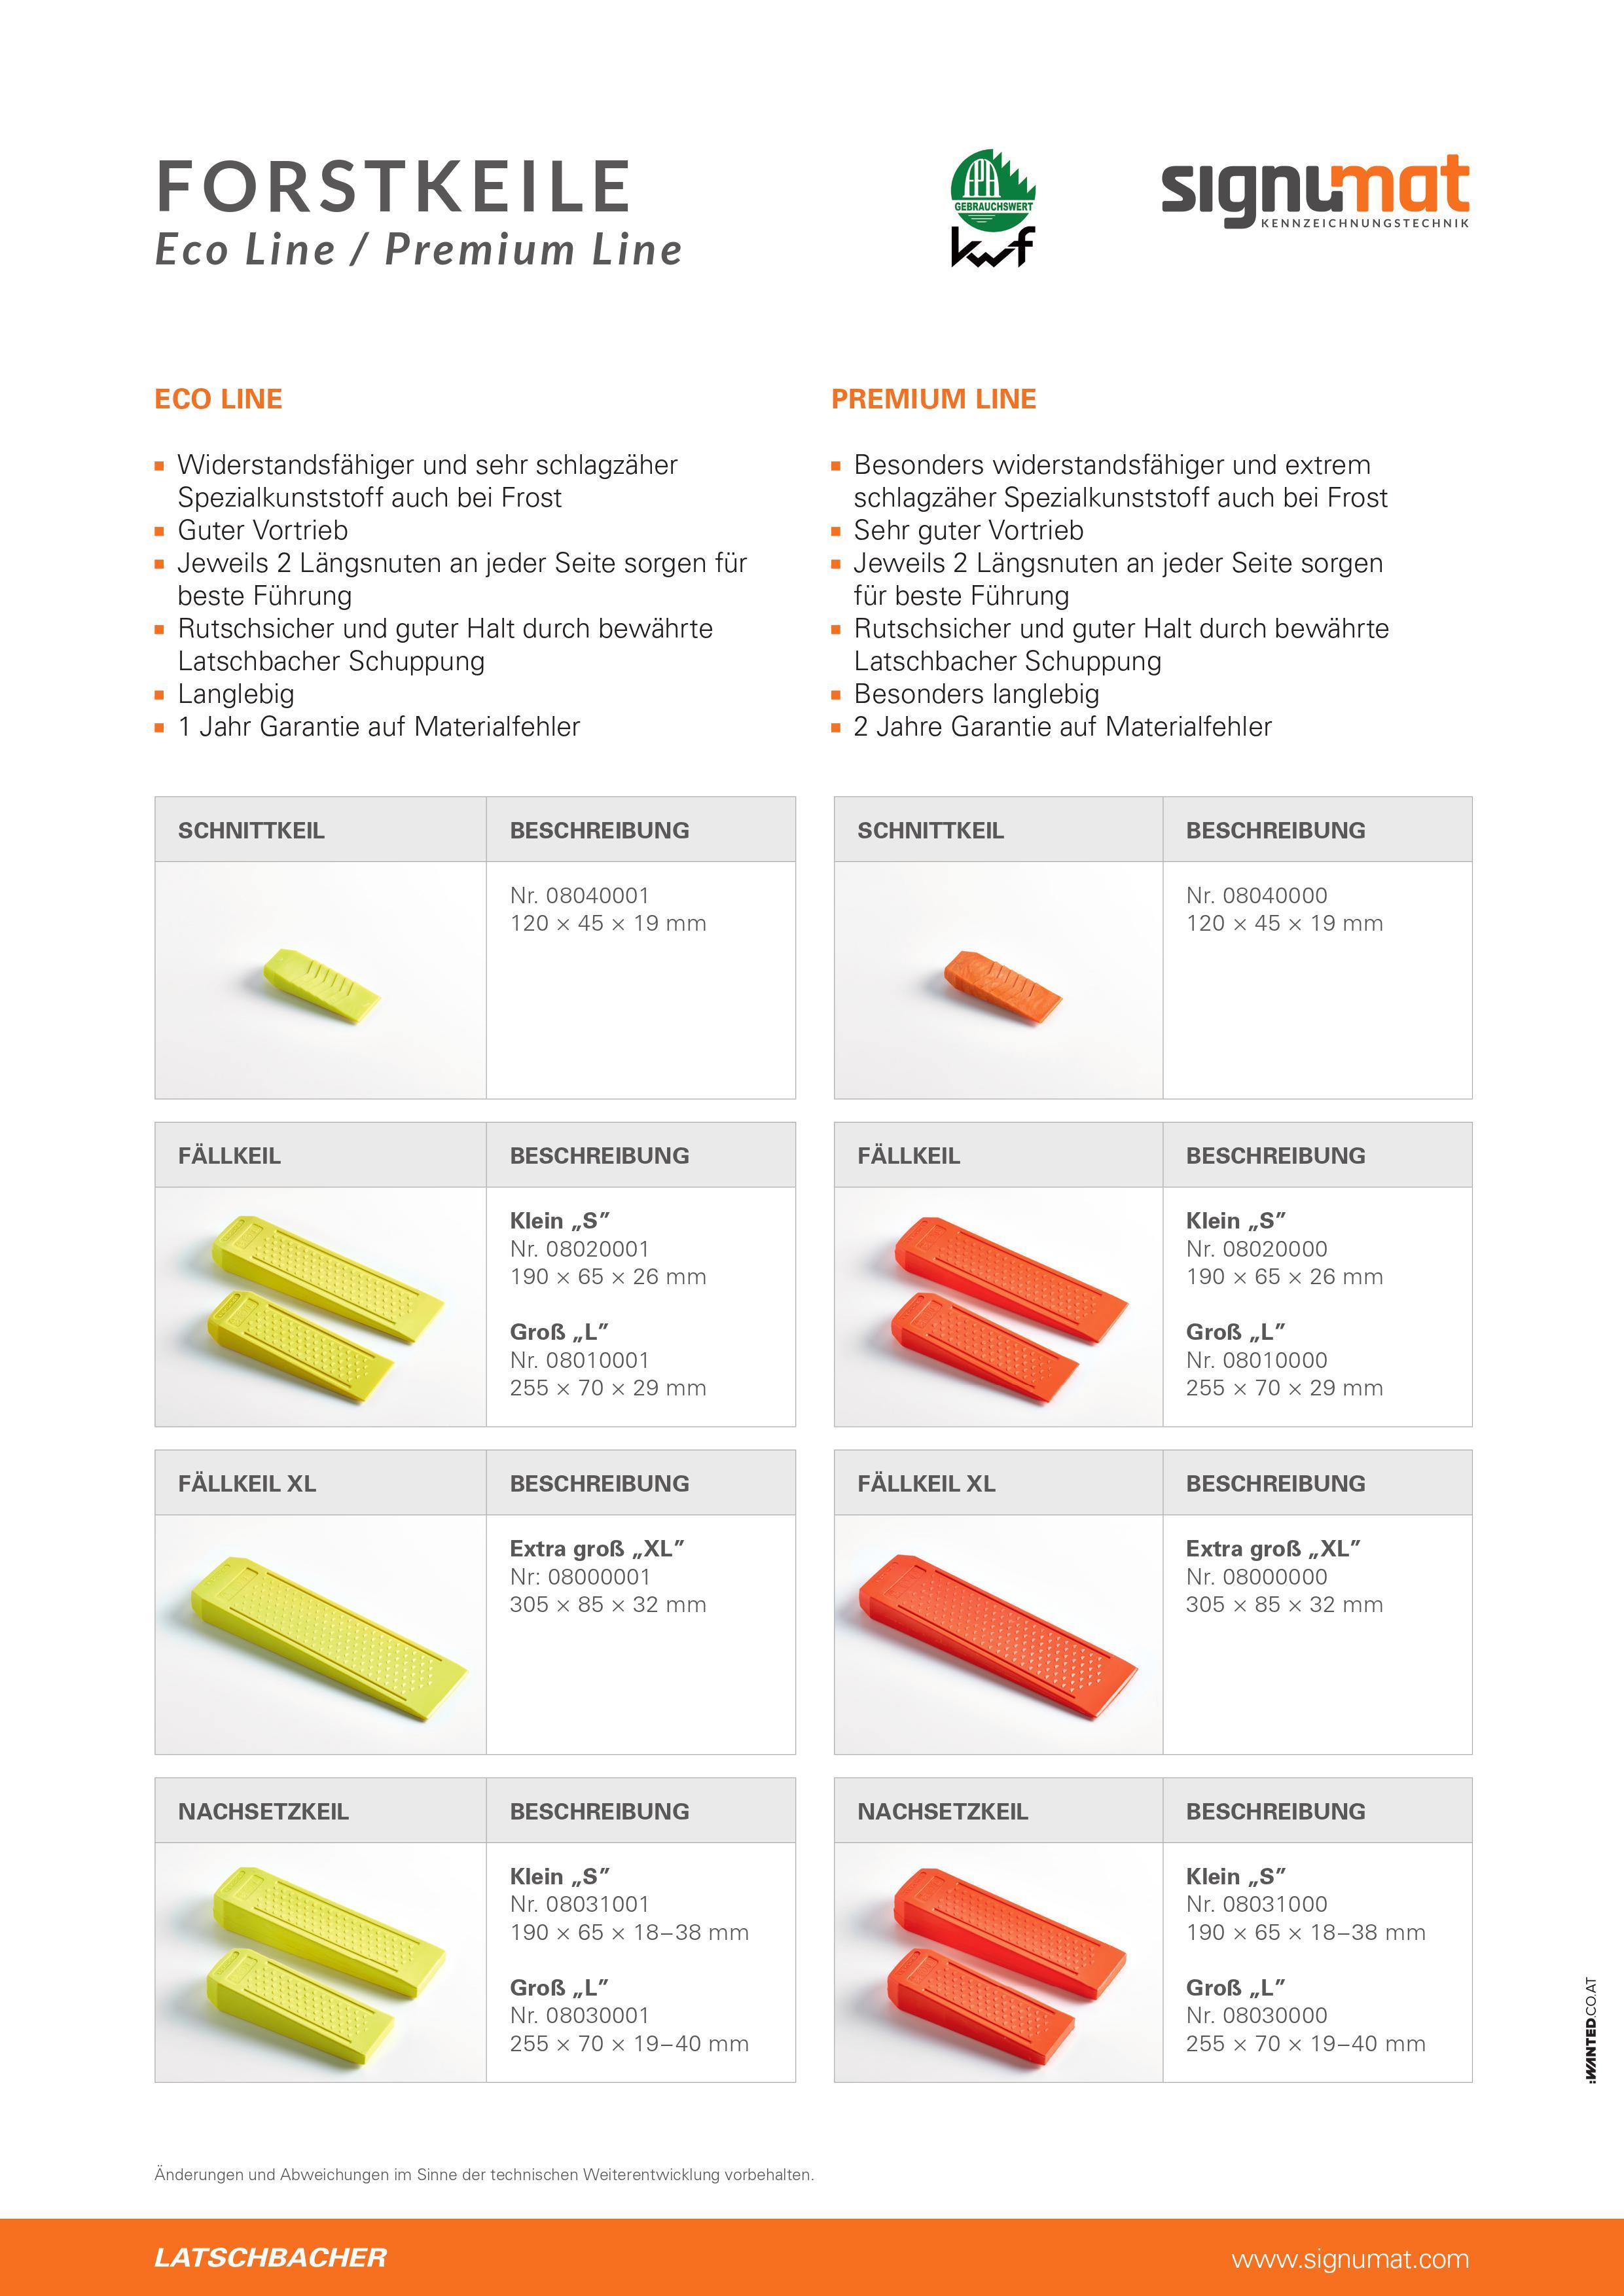 Schnittkeil  Premium Line, 120x45x19mm